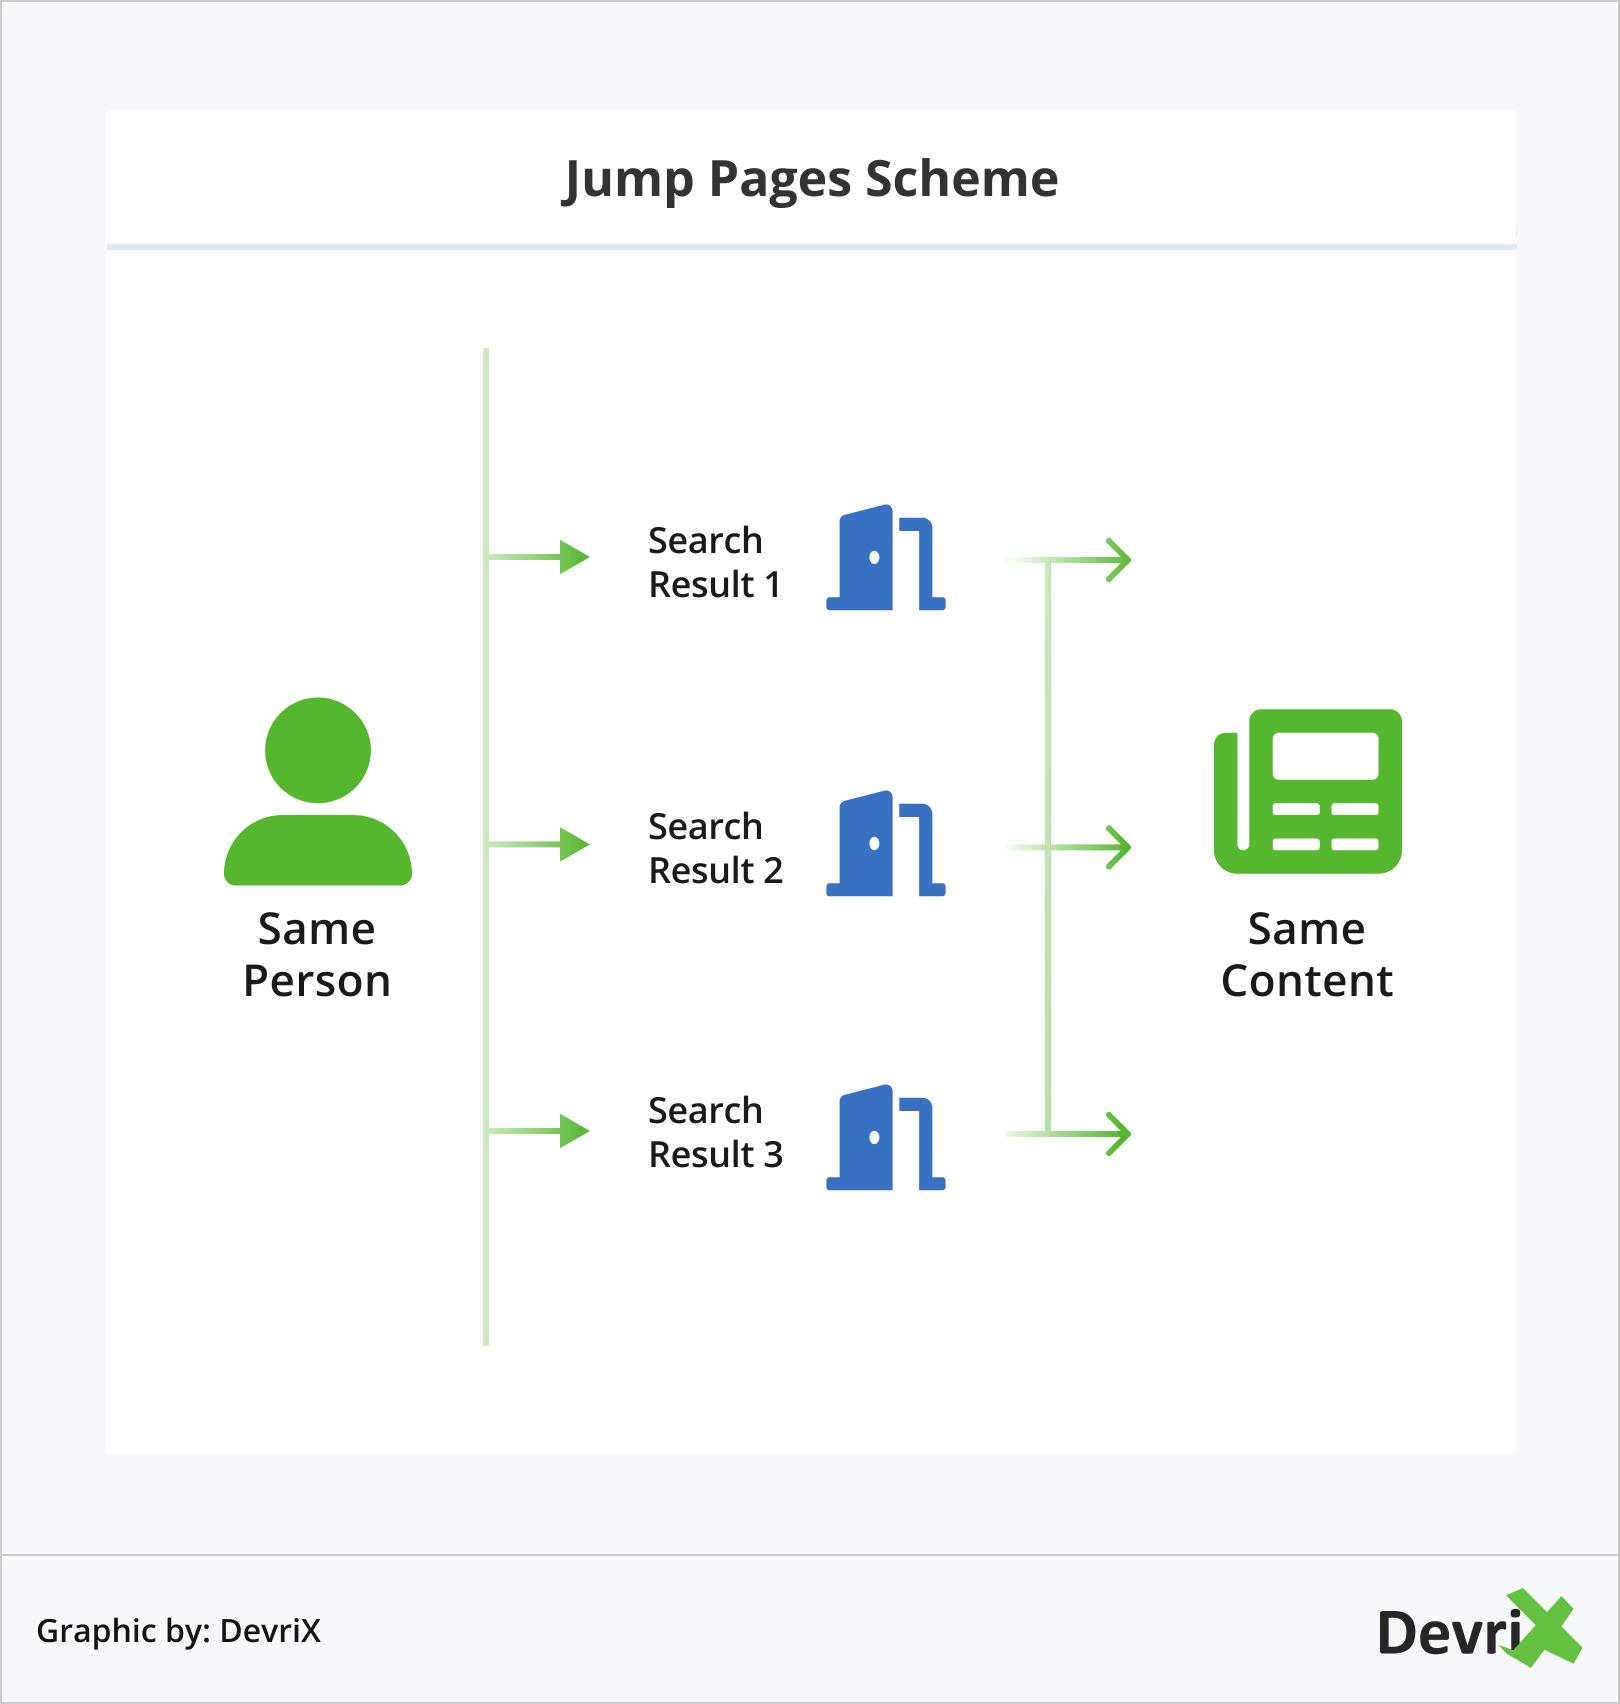 Jump Pages Scheme